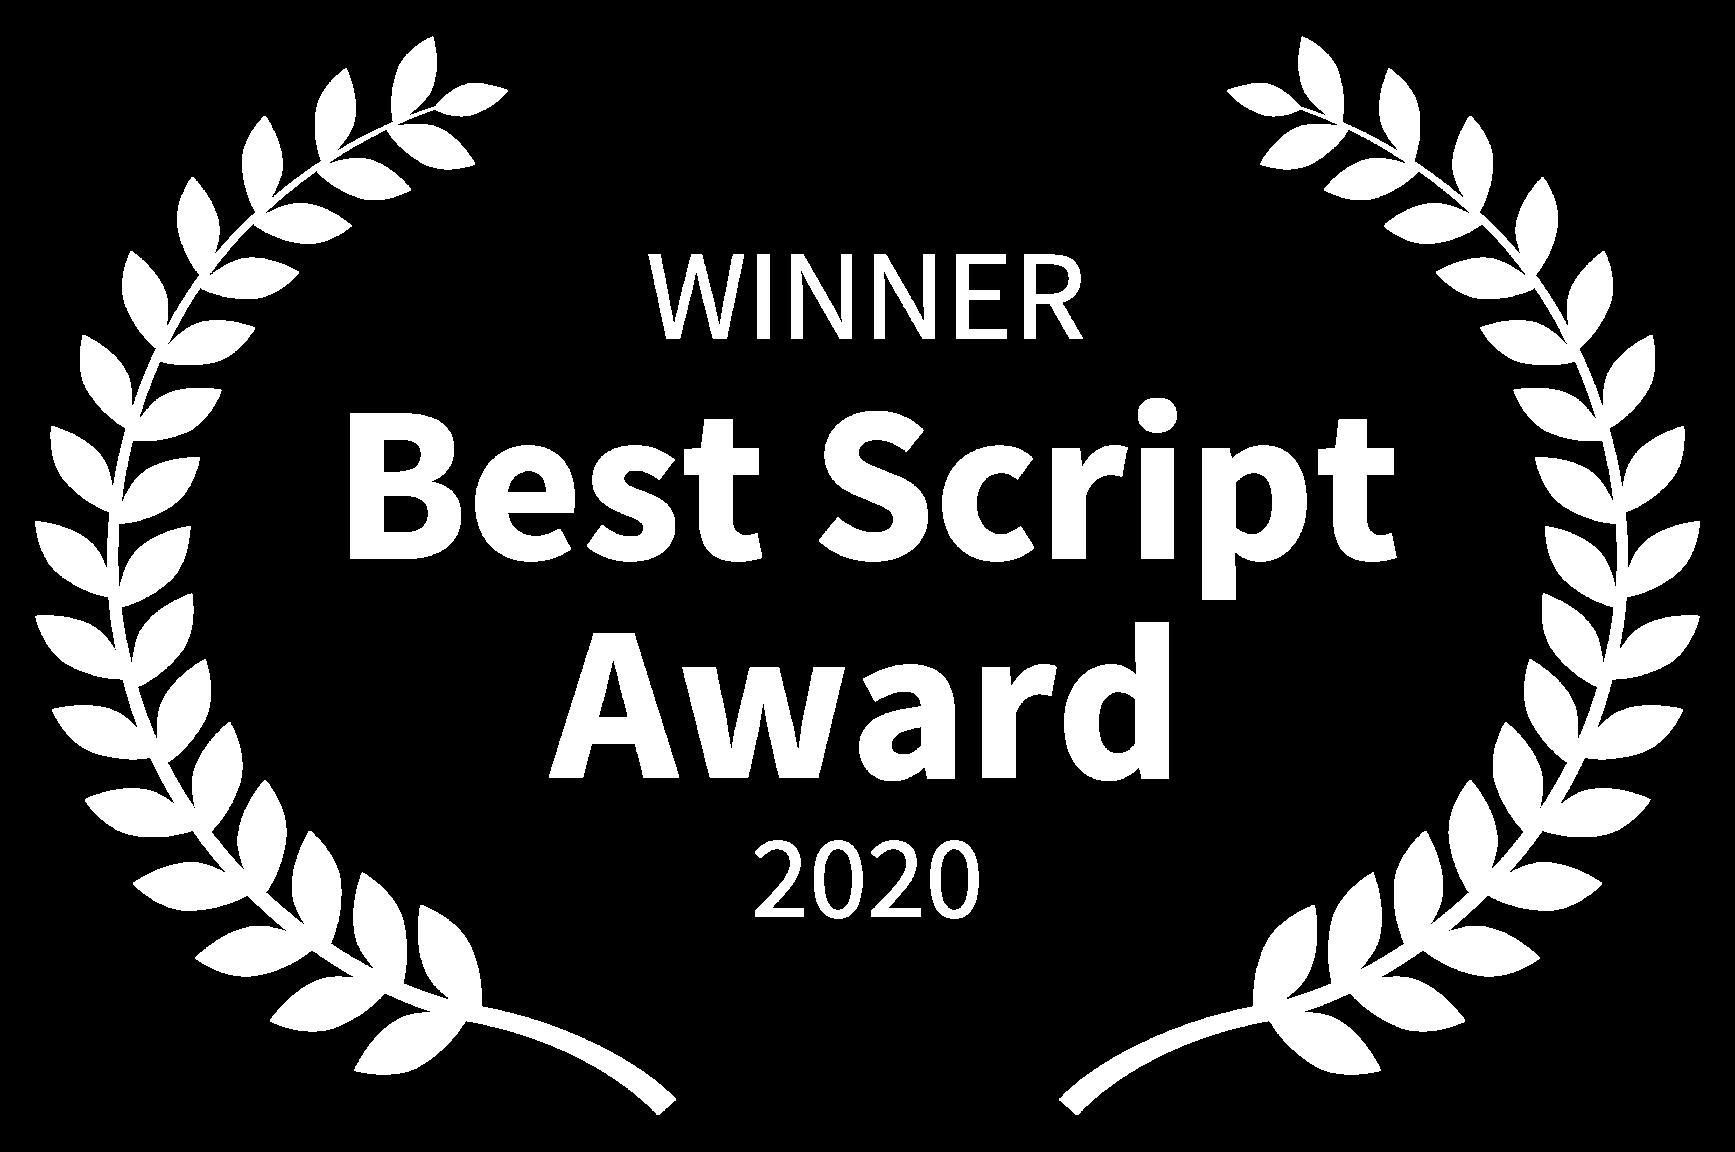 WINNER - Best Script Award - 2020